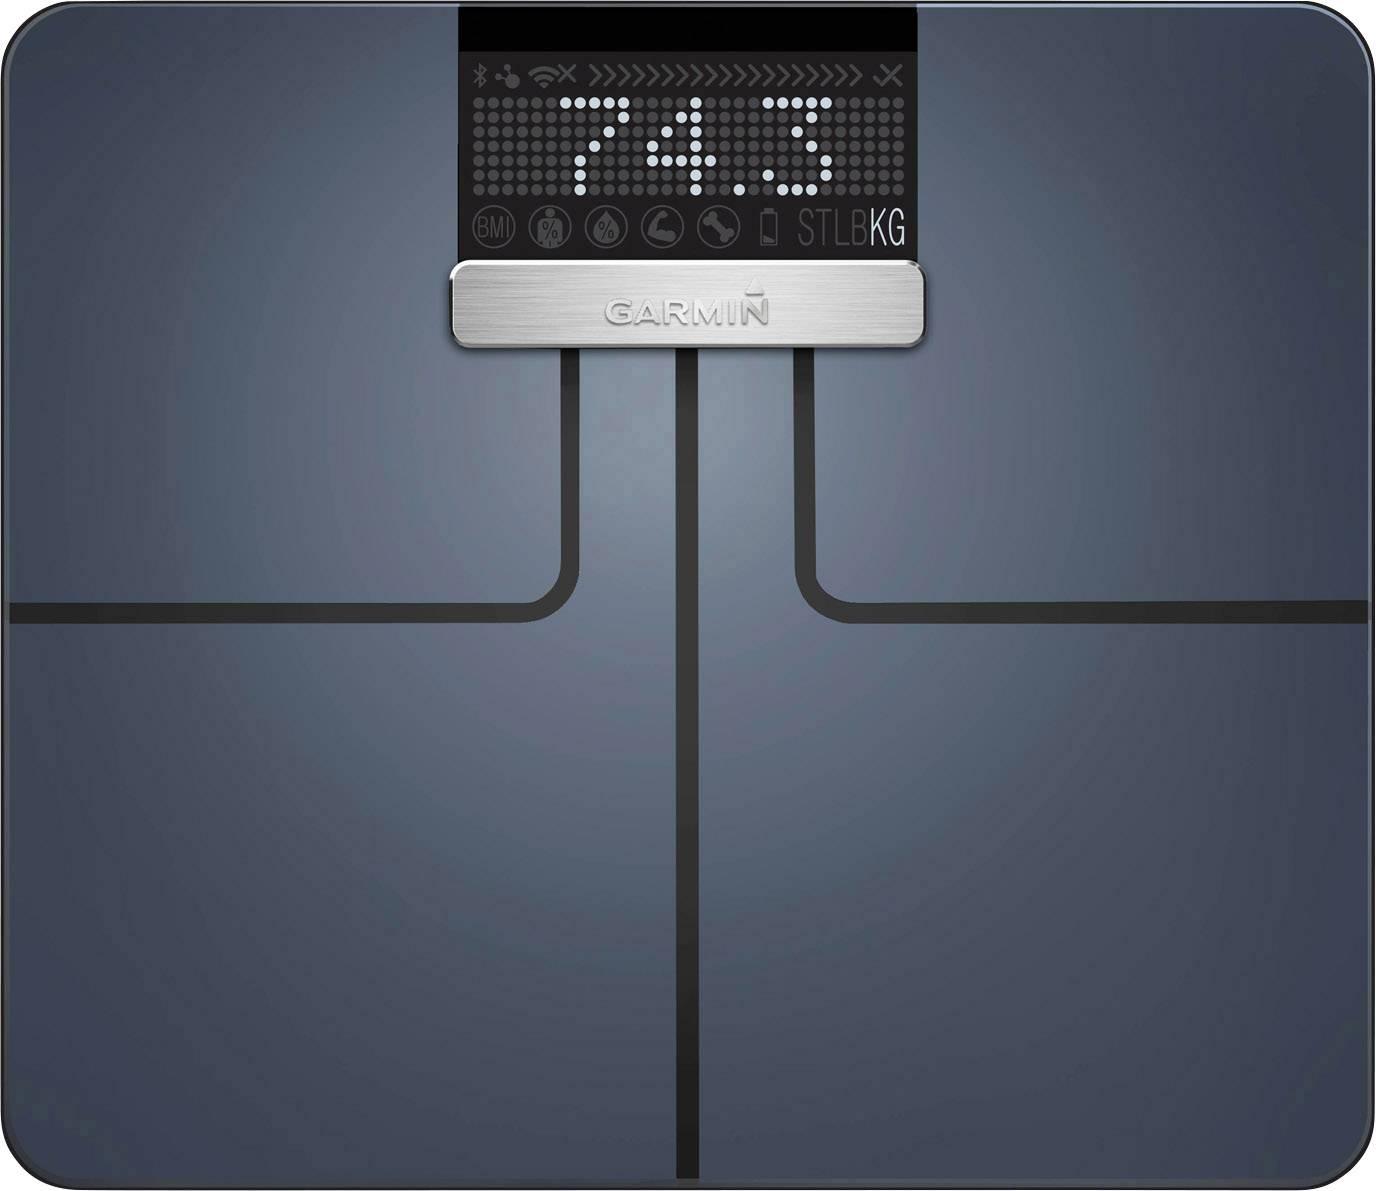 Analyzační váha Garmin Index™-Smart-Waage, černá